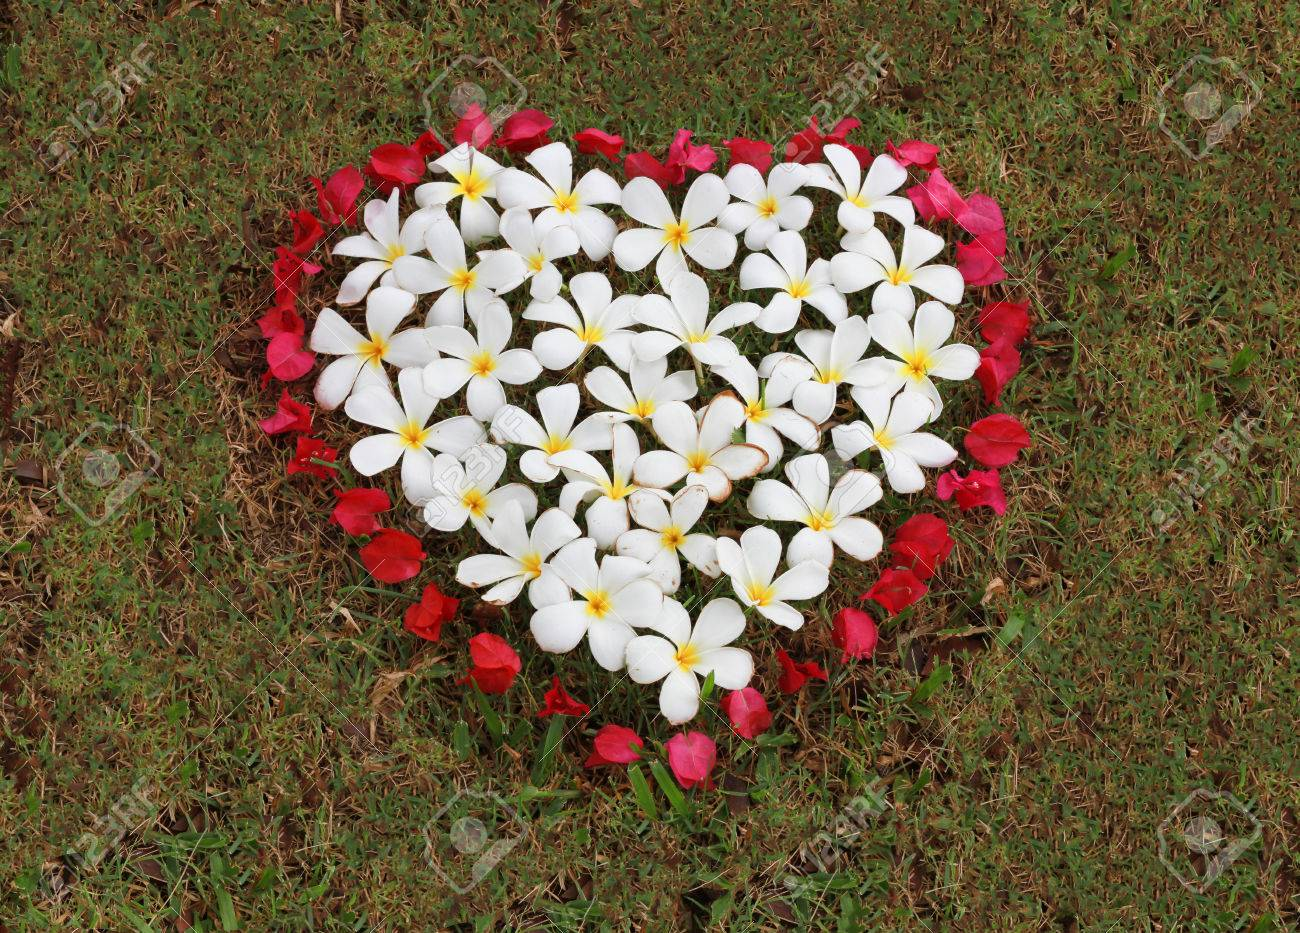 Fleur Blanche Et Fleur Rouge Sont Disposees En Forme De Coeur Sur Le